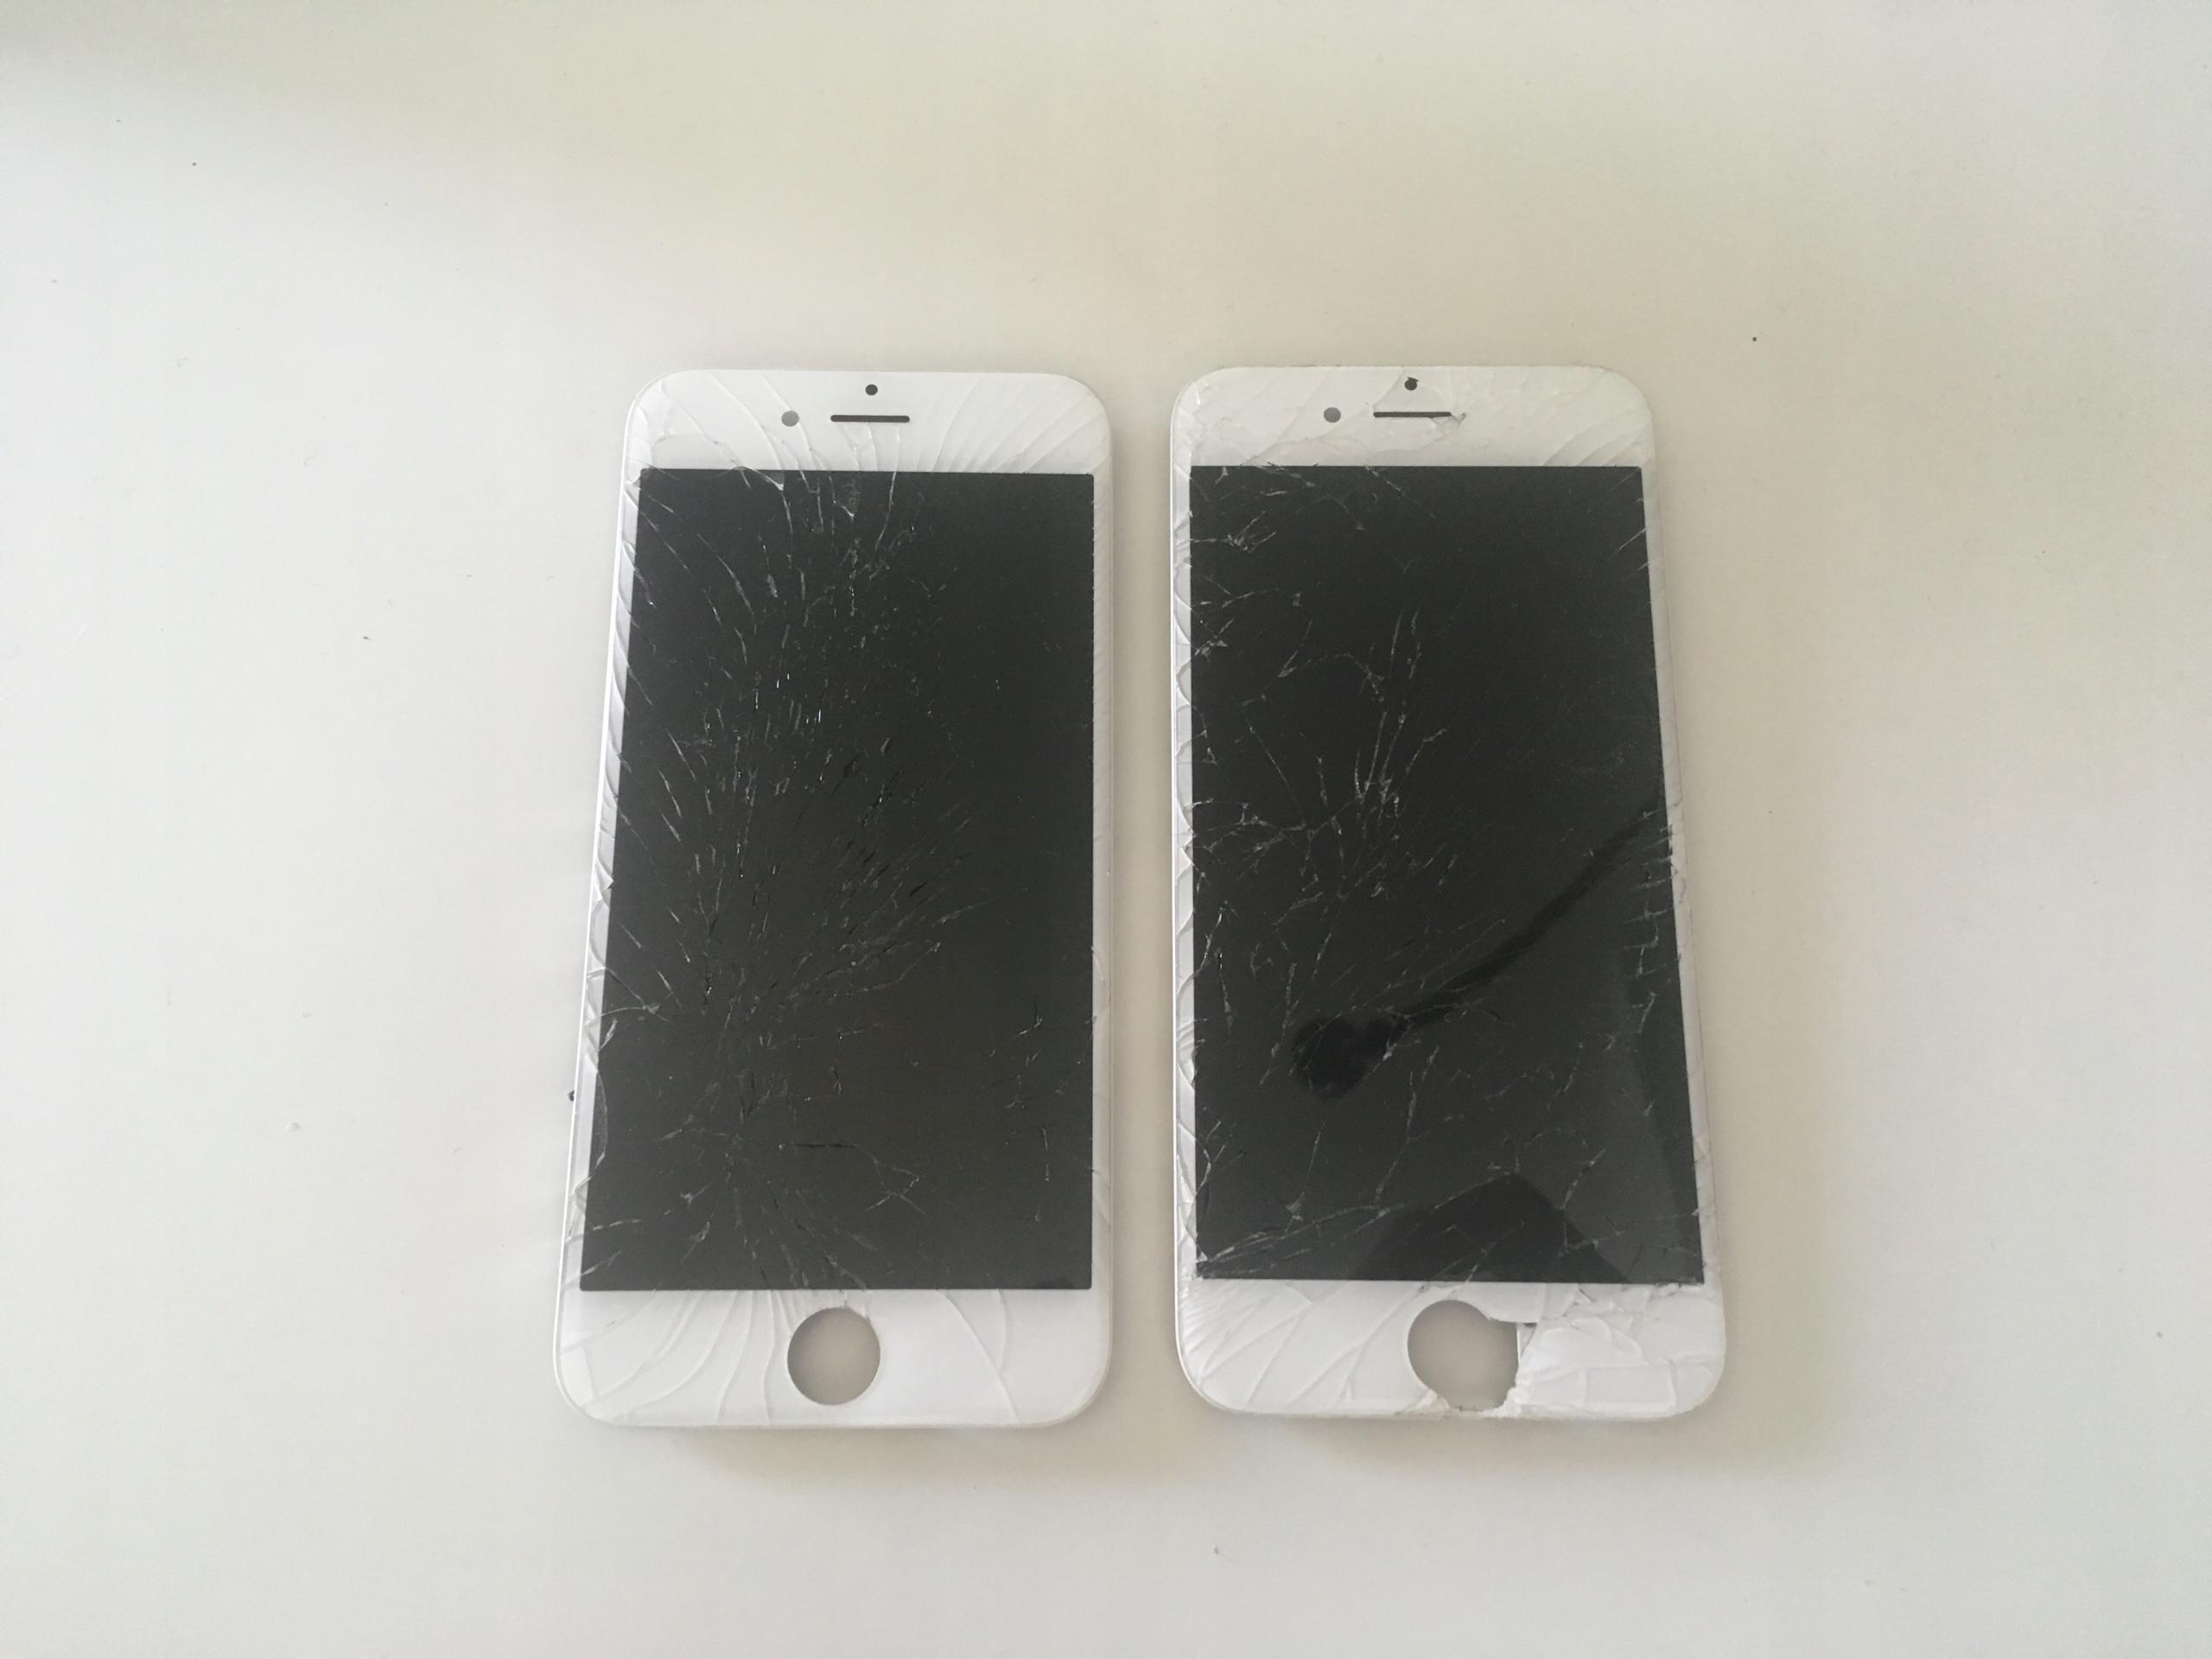 wyświetlacz iPhone 6s zbita szybka, do regeneracji